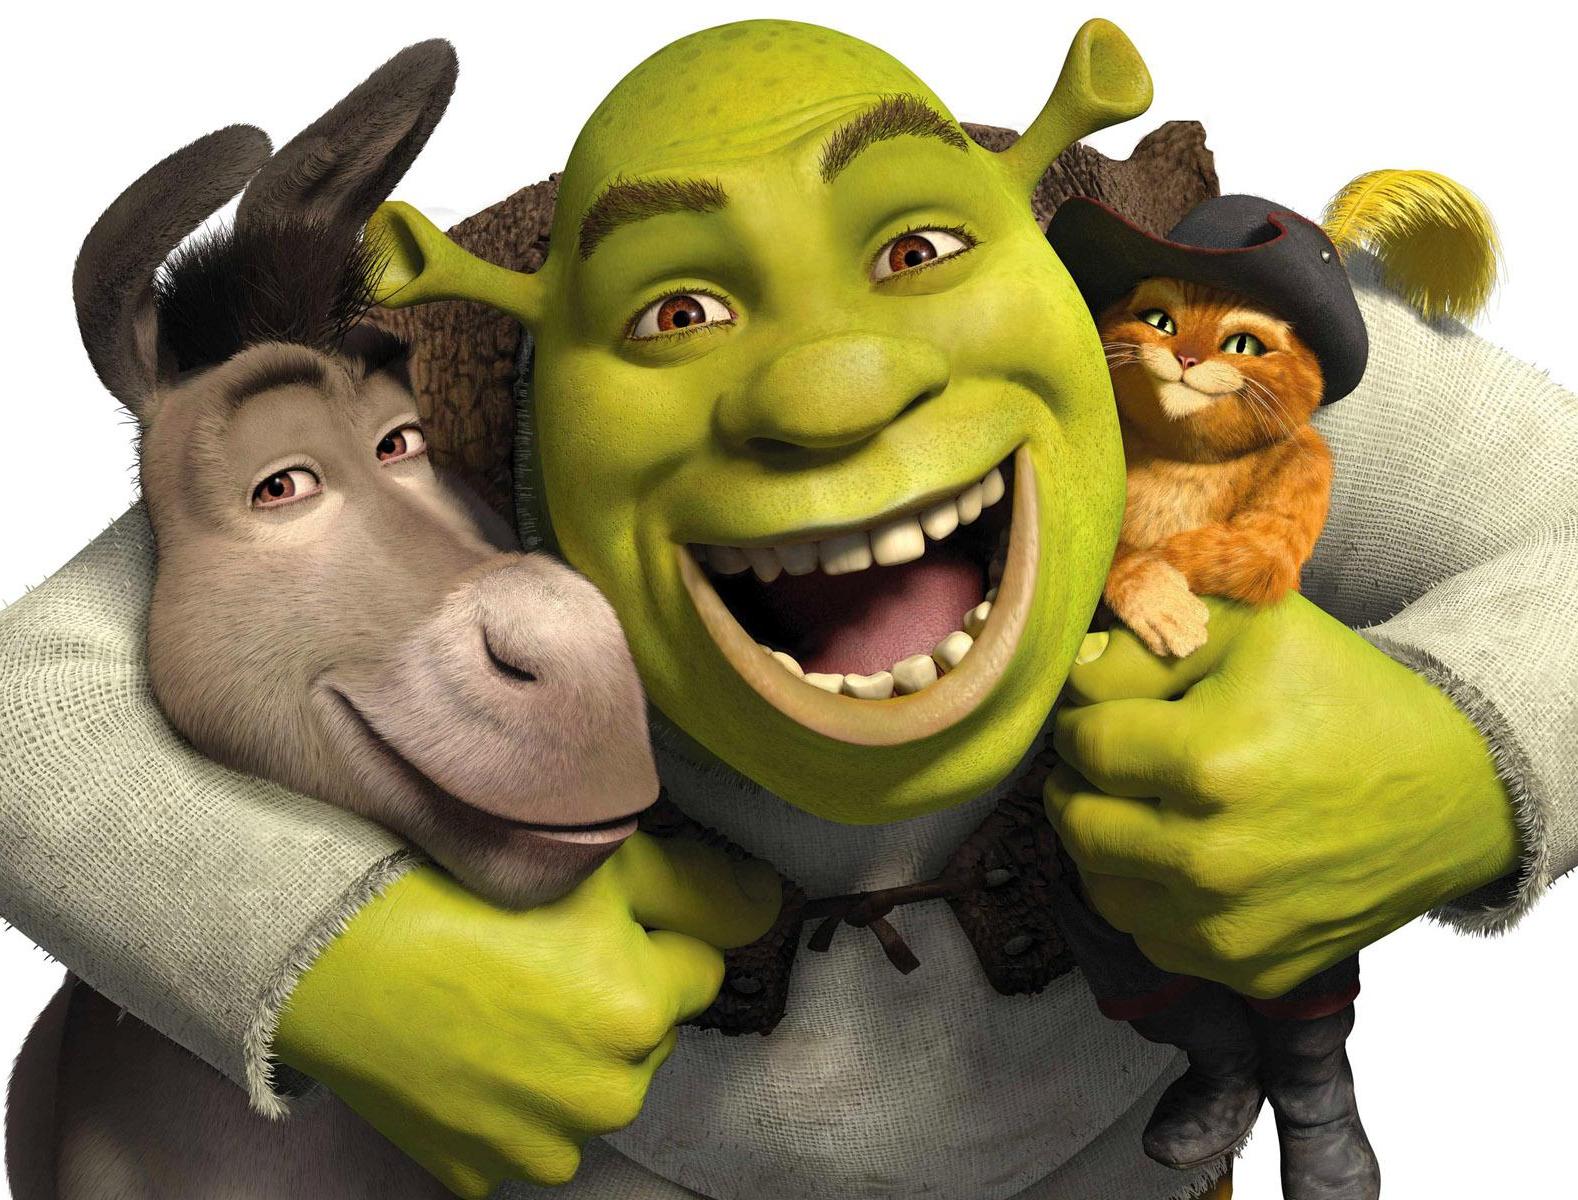 La franquicia de Shrek podría ser resucitada, dice presidente de NBCUniversal